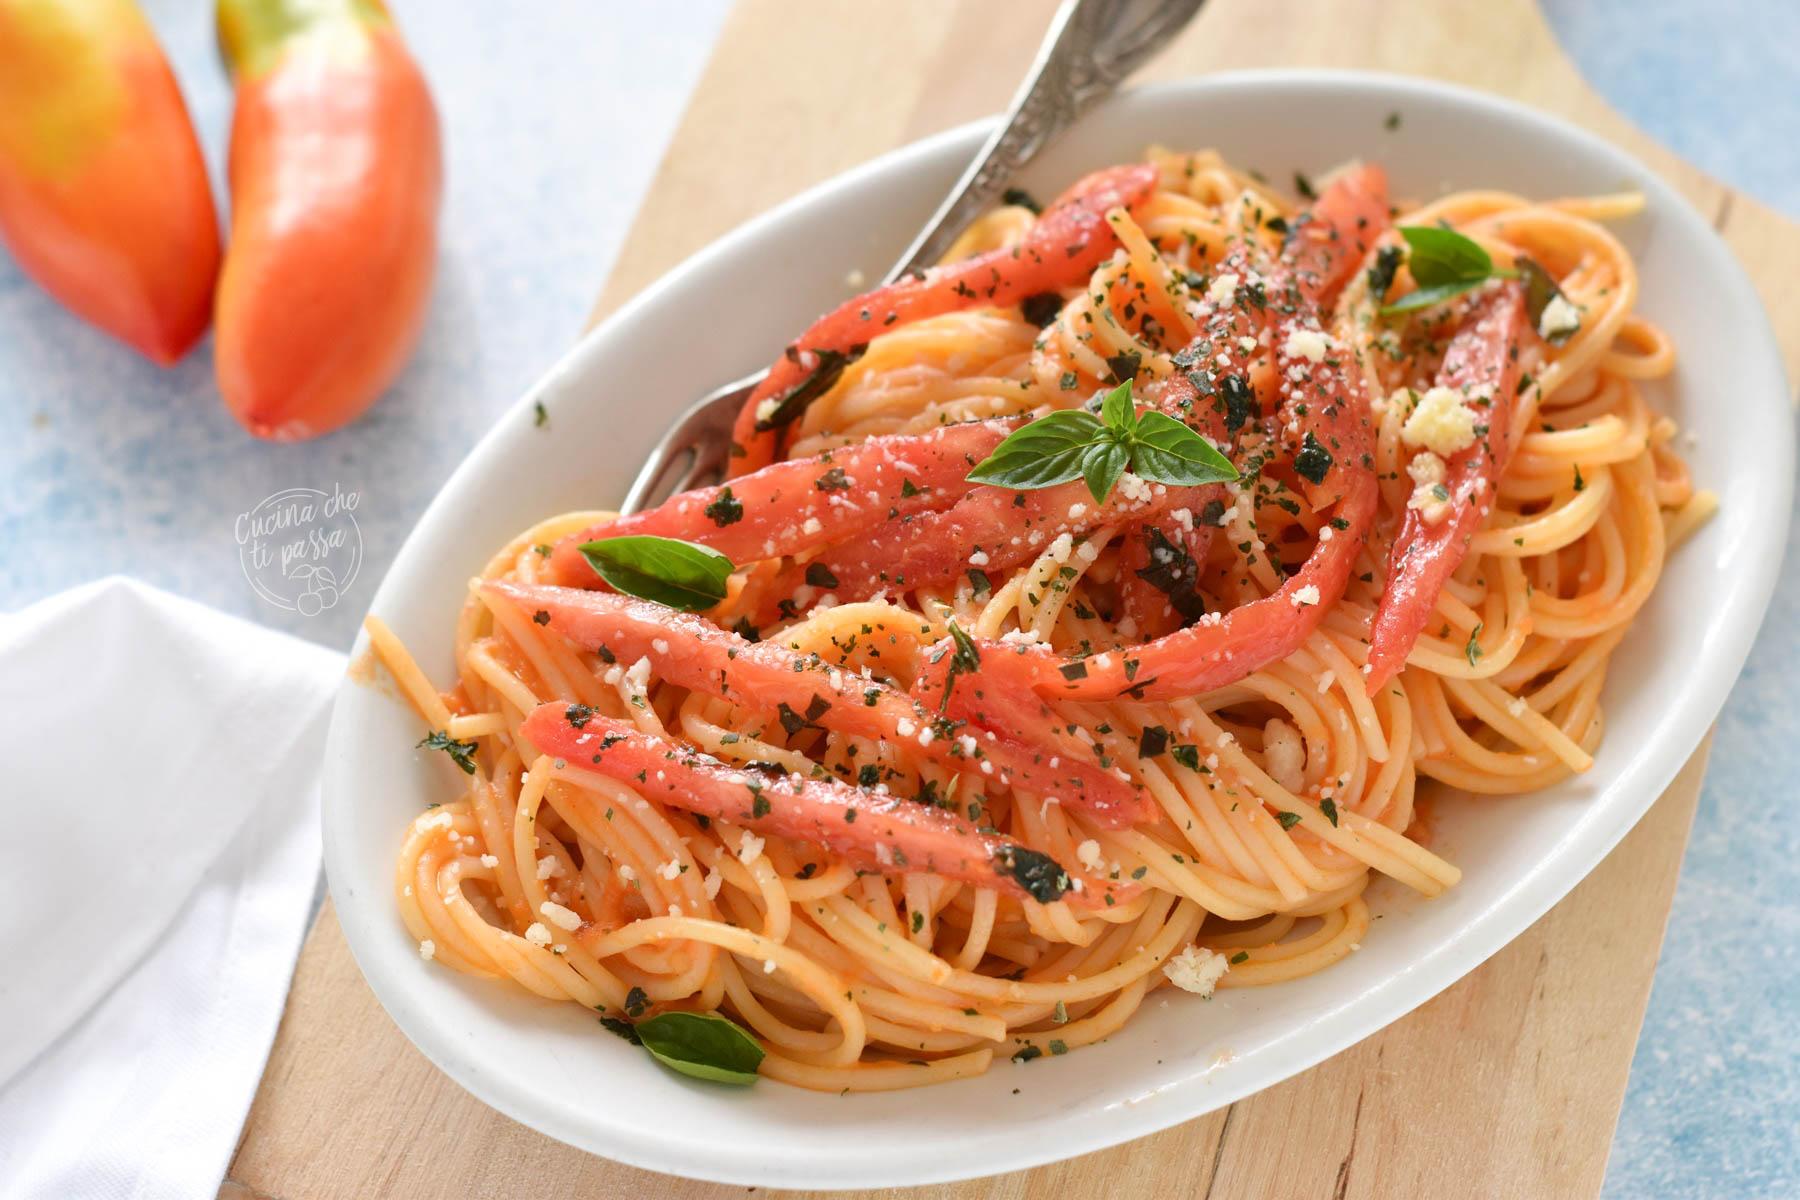 Spaghetti risottati al SAN MARZANO